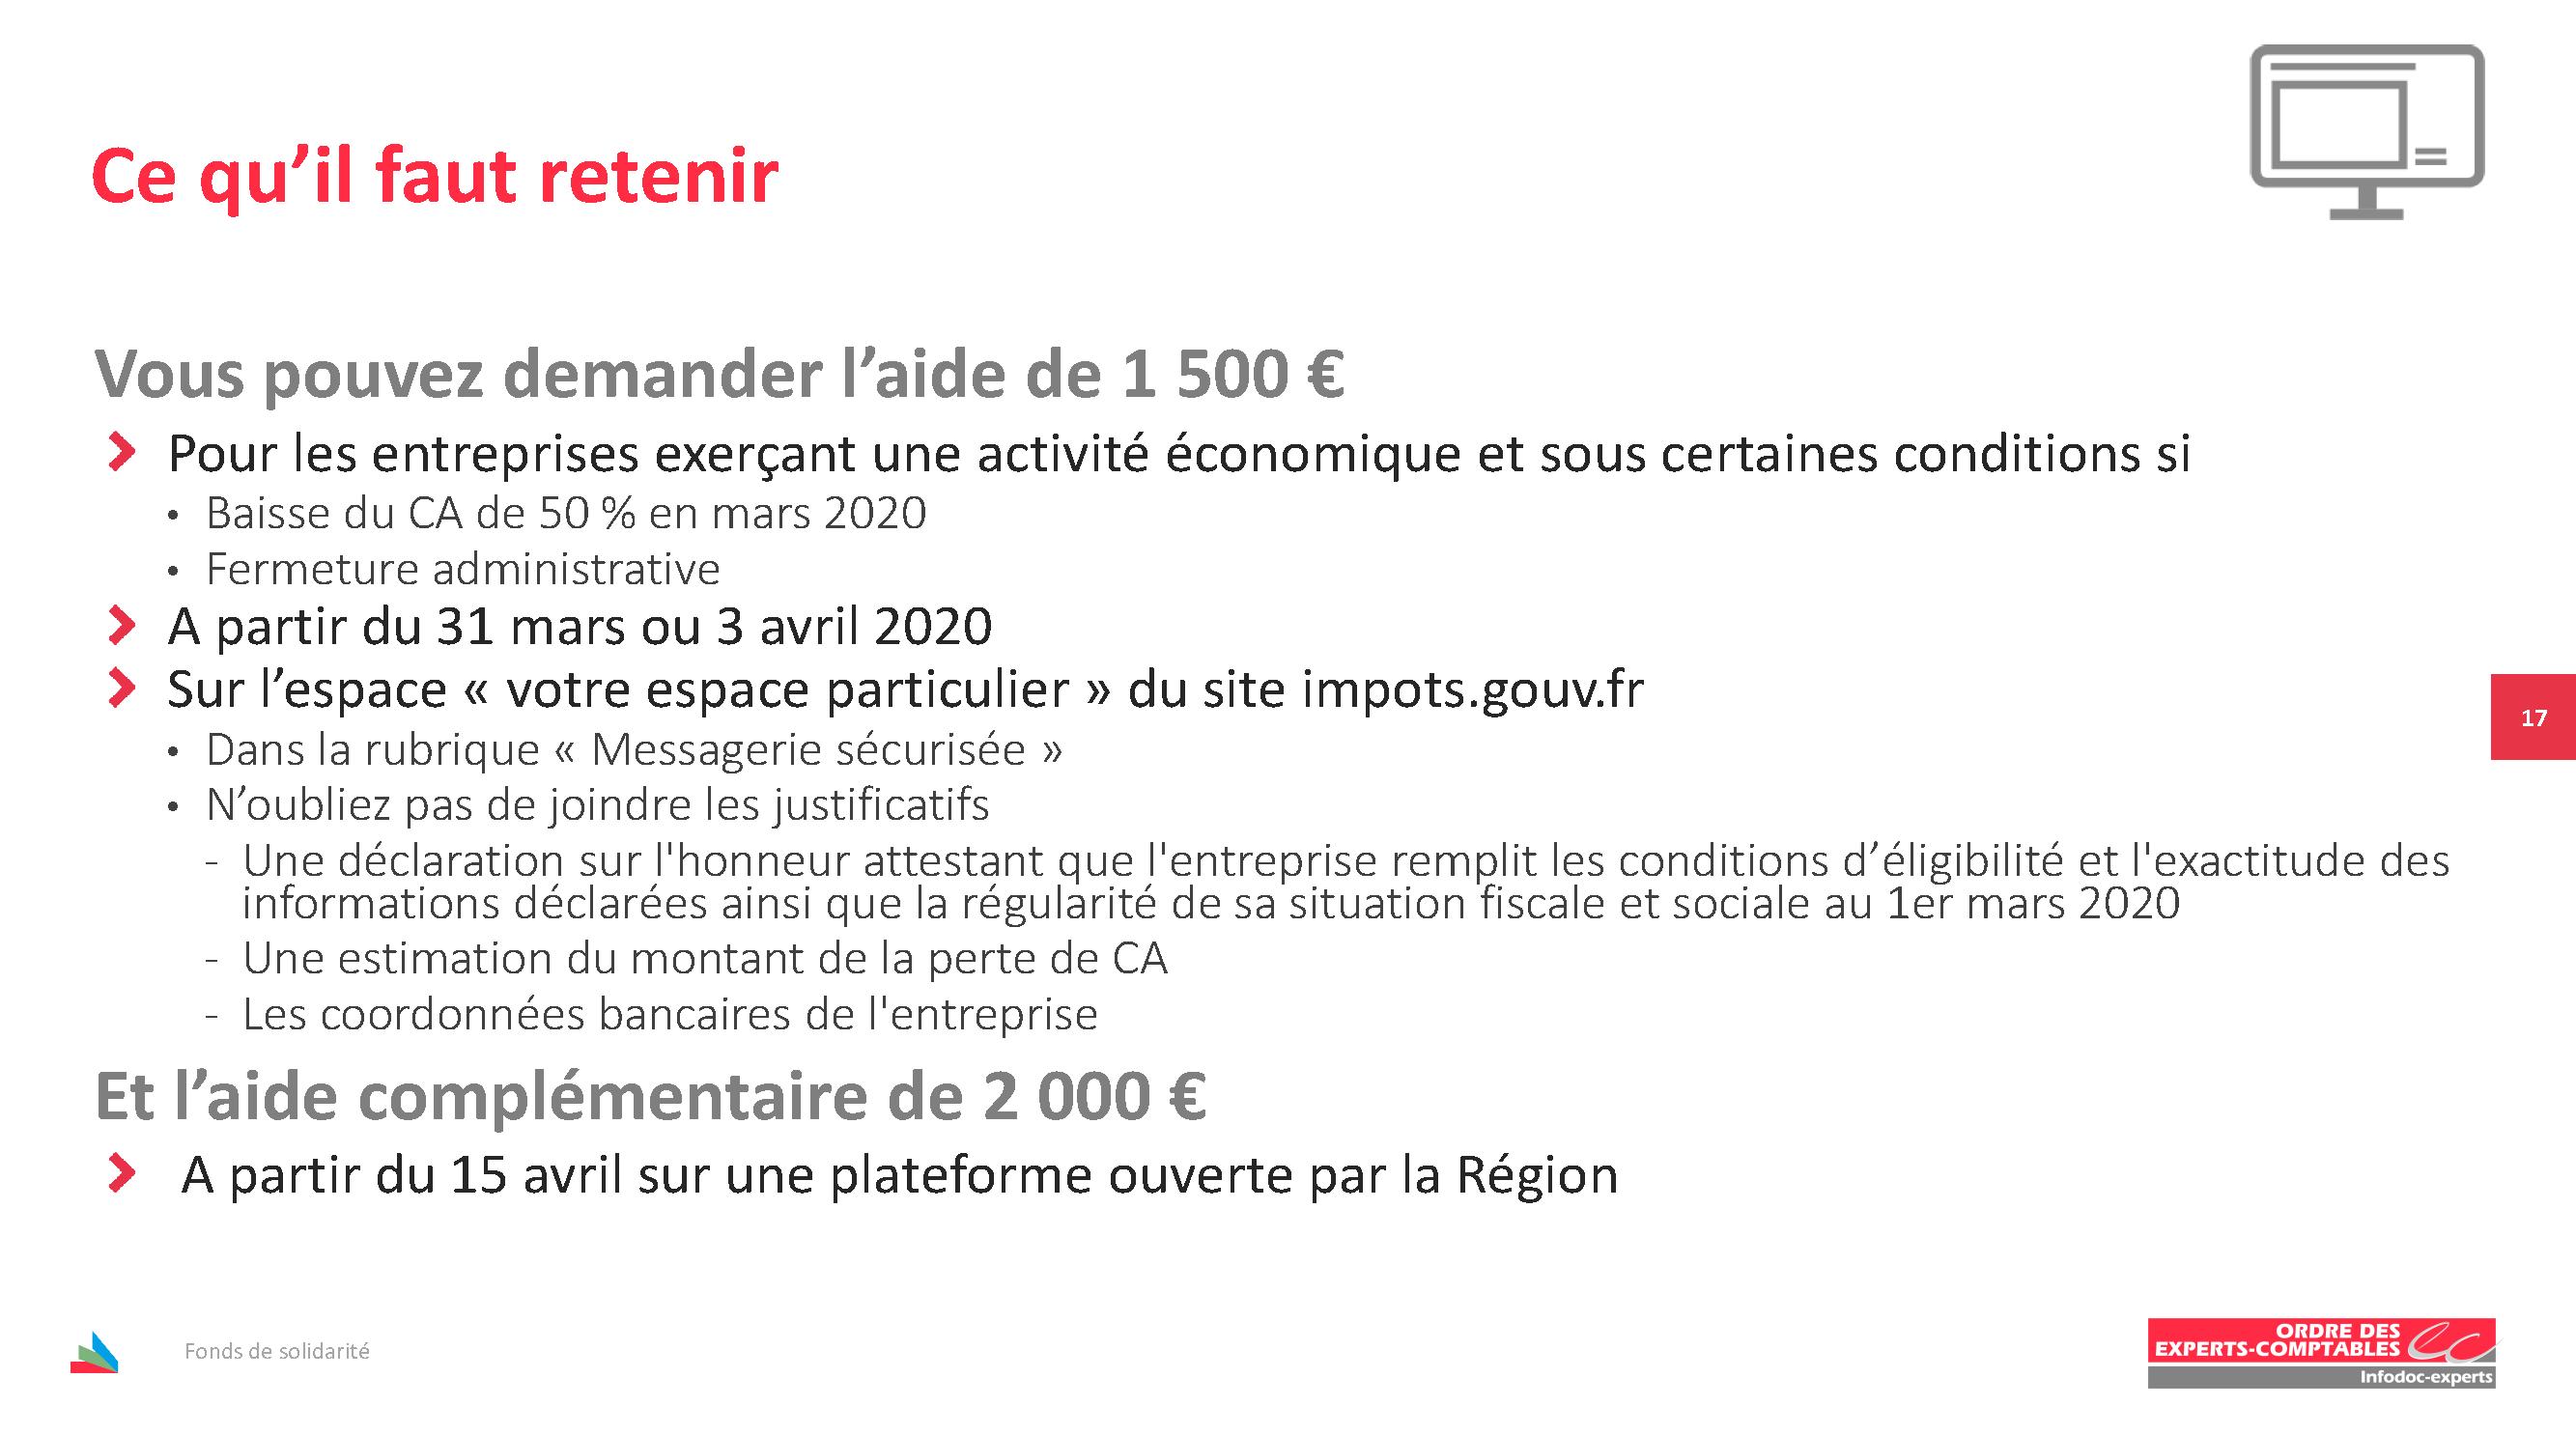 Fonds solidarité_diapo seul_31032020_Page_17